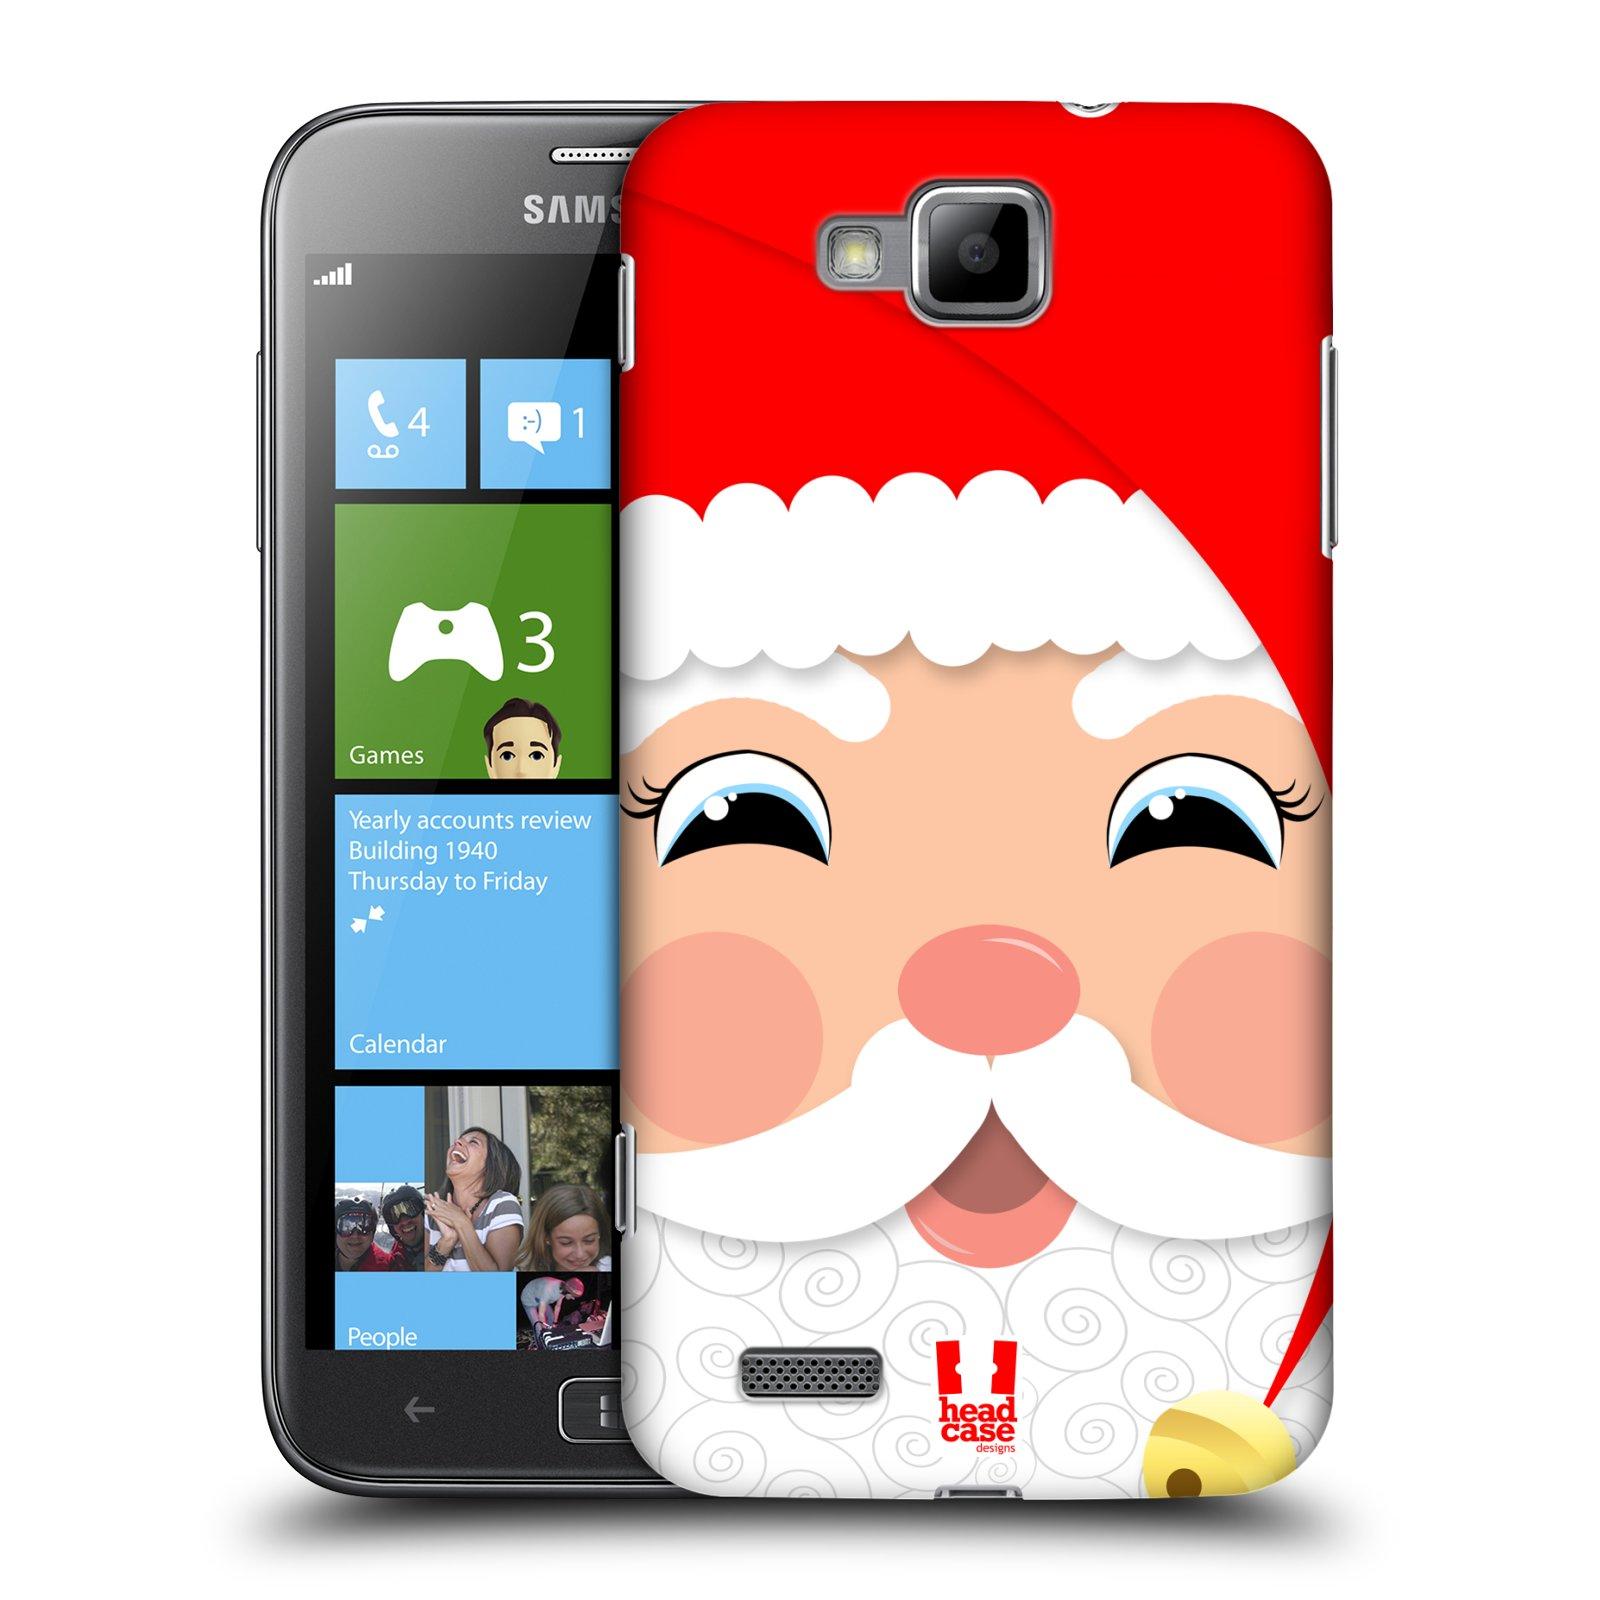 HEAD CASE plastový obal na mobil Samsung ATIV S vzor Vánoční tváře kreslené SANTA CLAUS